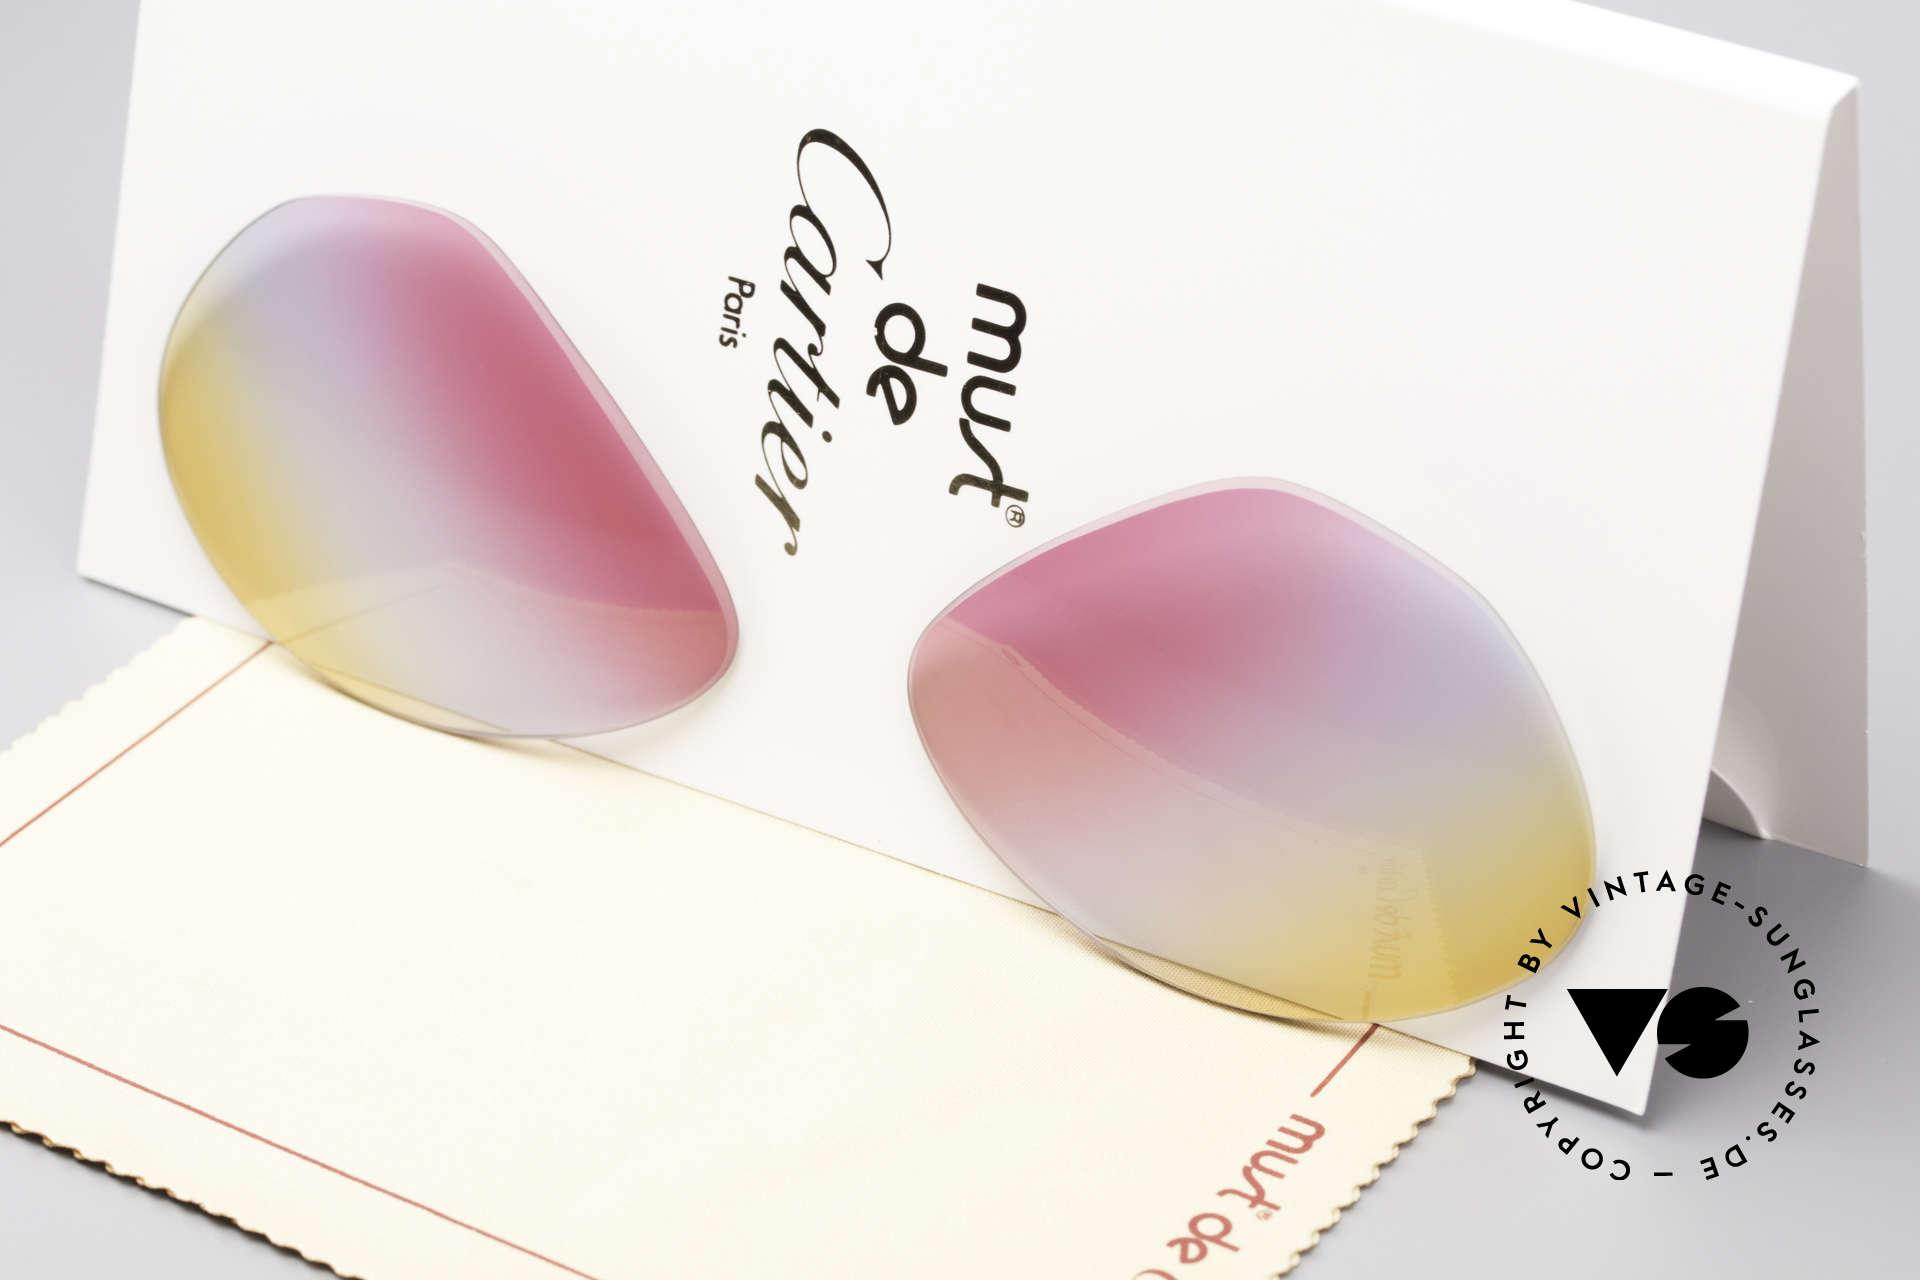 Cartier Vendome Lenses - M Tricolored Sunrise Lenses, new CR39 UV400 plastic lenses (for 100% UV protection), Made for Men and Women